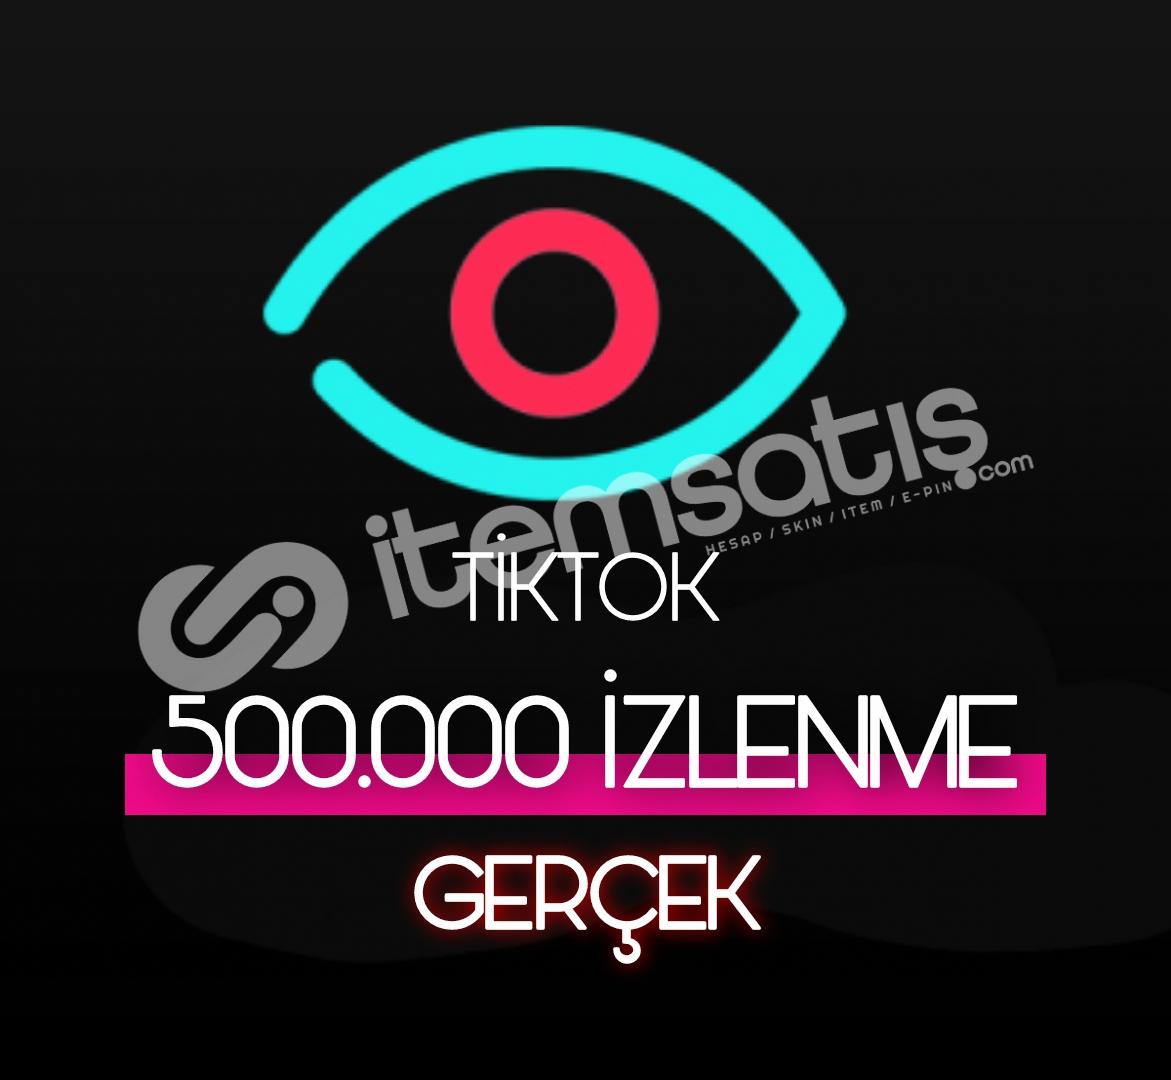 500.000 Tiktok Gerçek İzleyici (Keşfet etkili)